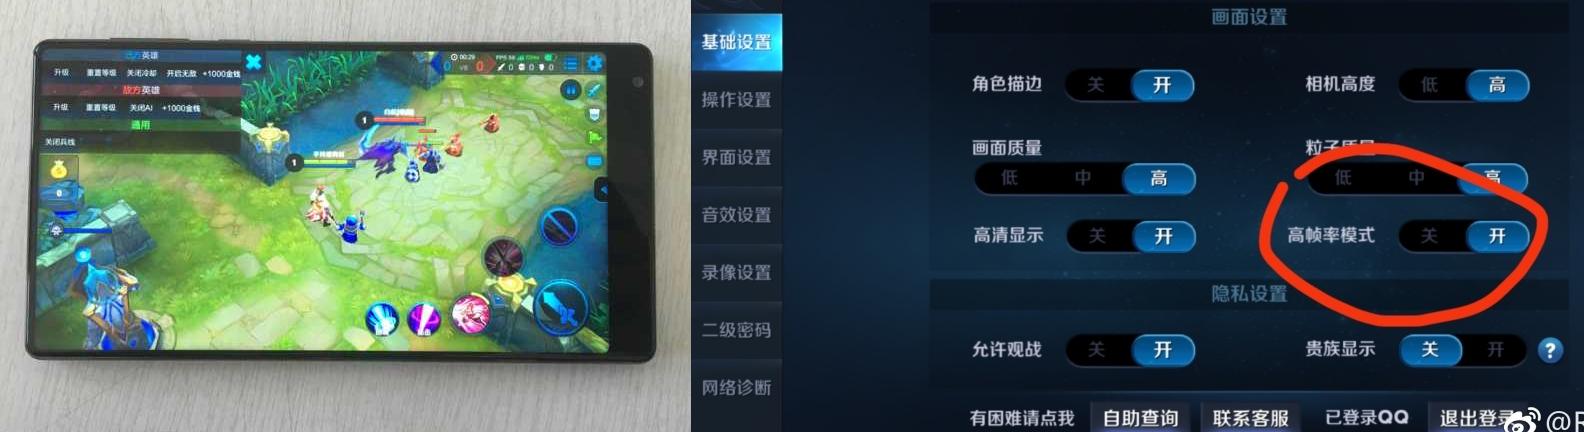 Xiaomi Mi MIX 2 e Mi Note 3 supportano l'high speed rate fino a 60 FPS